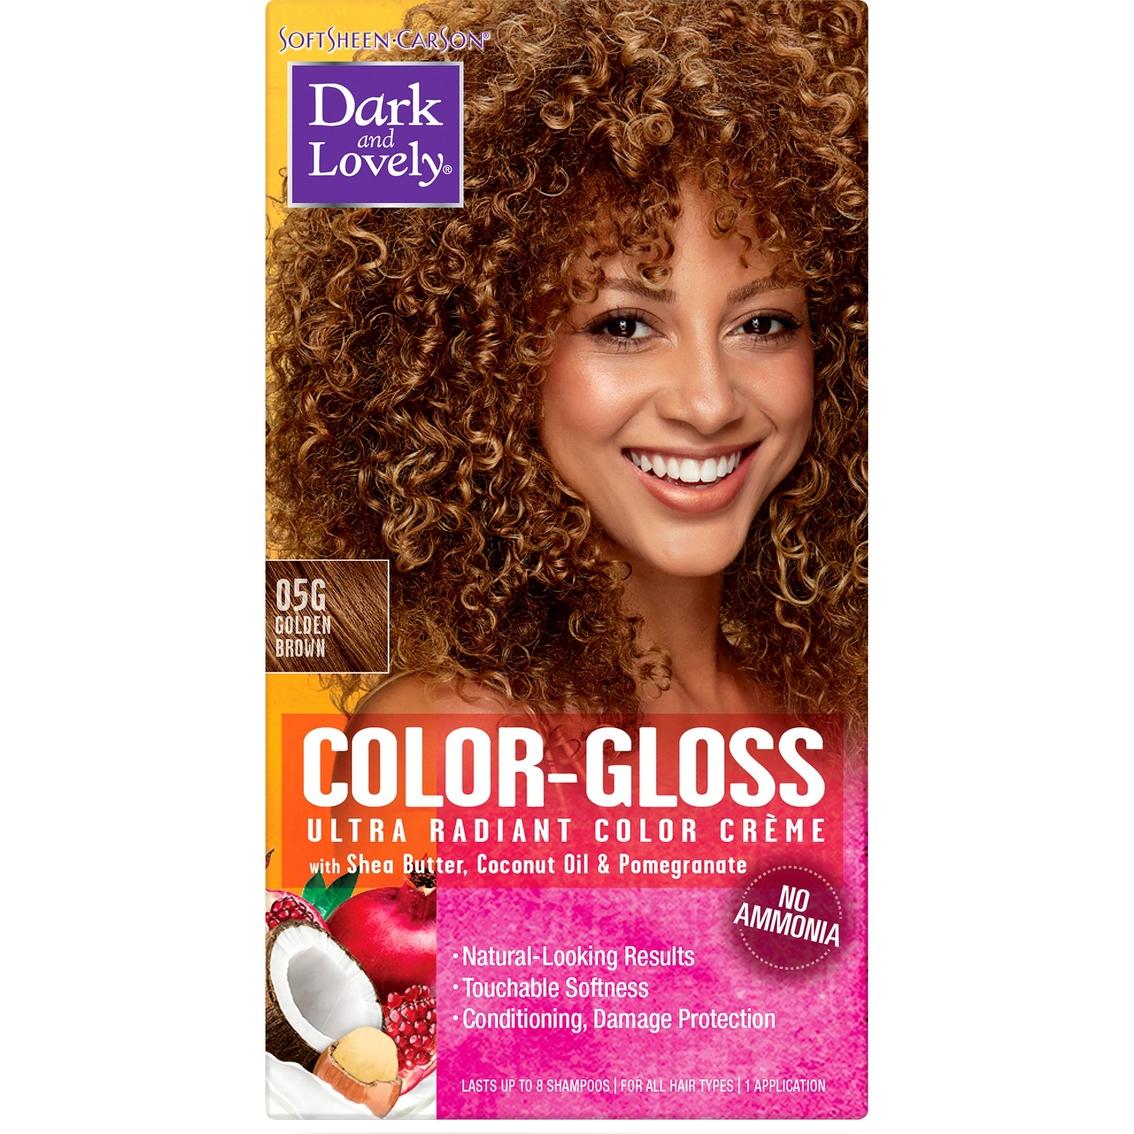 Dark Lovely Color Gloss Hair Treatments Beauty Health Shop